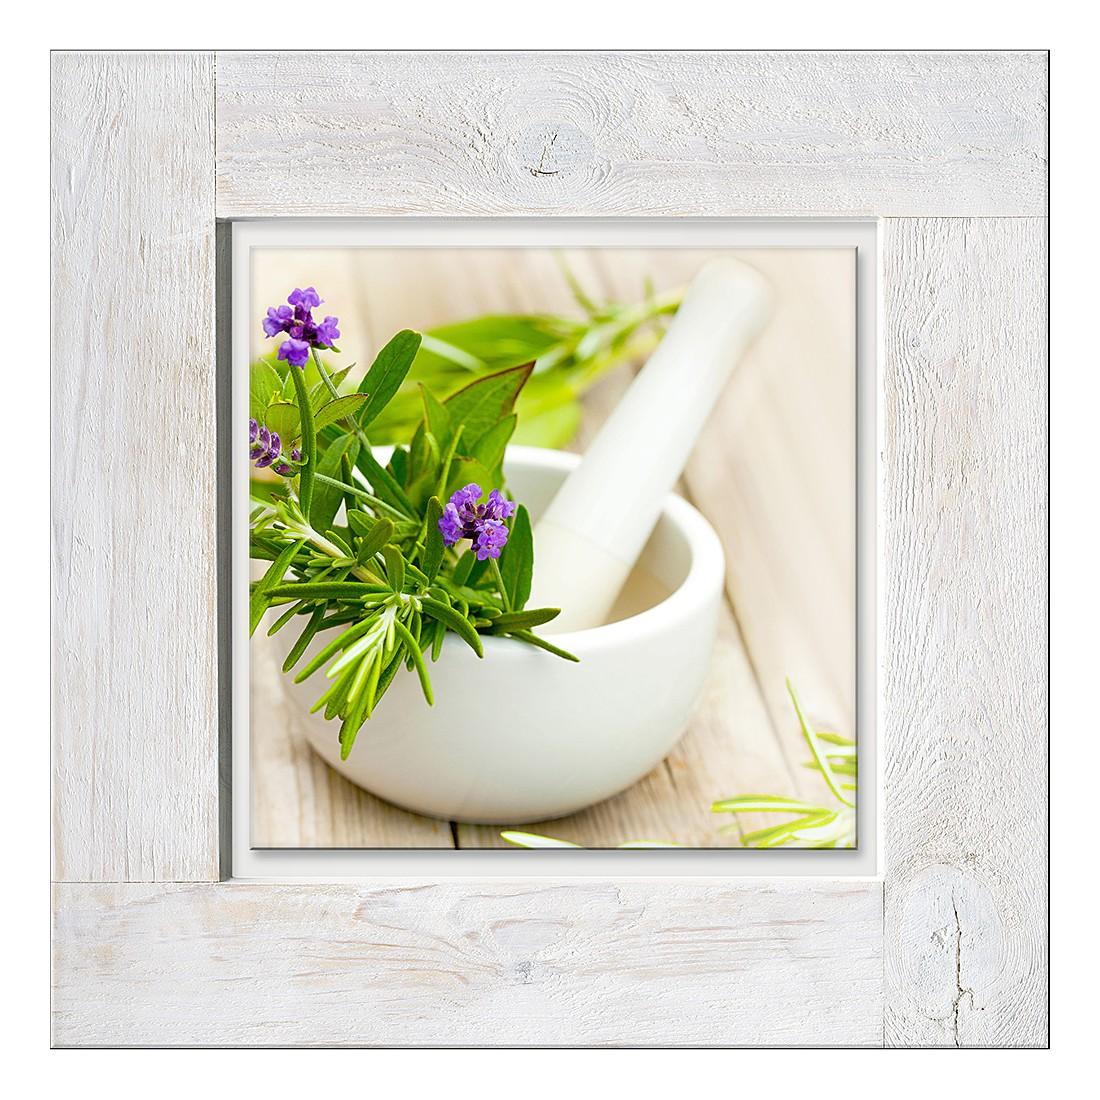 Home 24 - Sous-verre lovely lavender iv, pro art